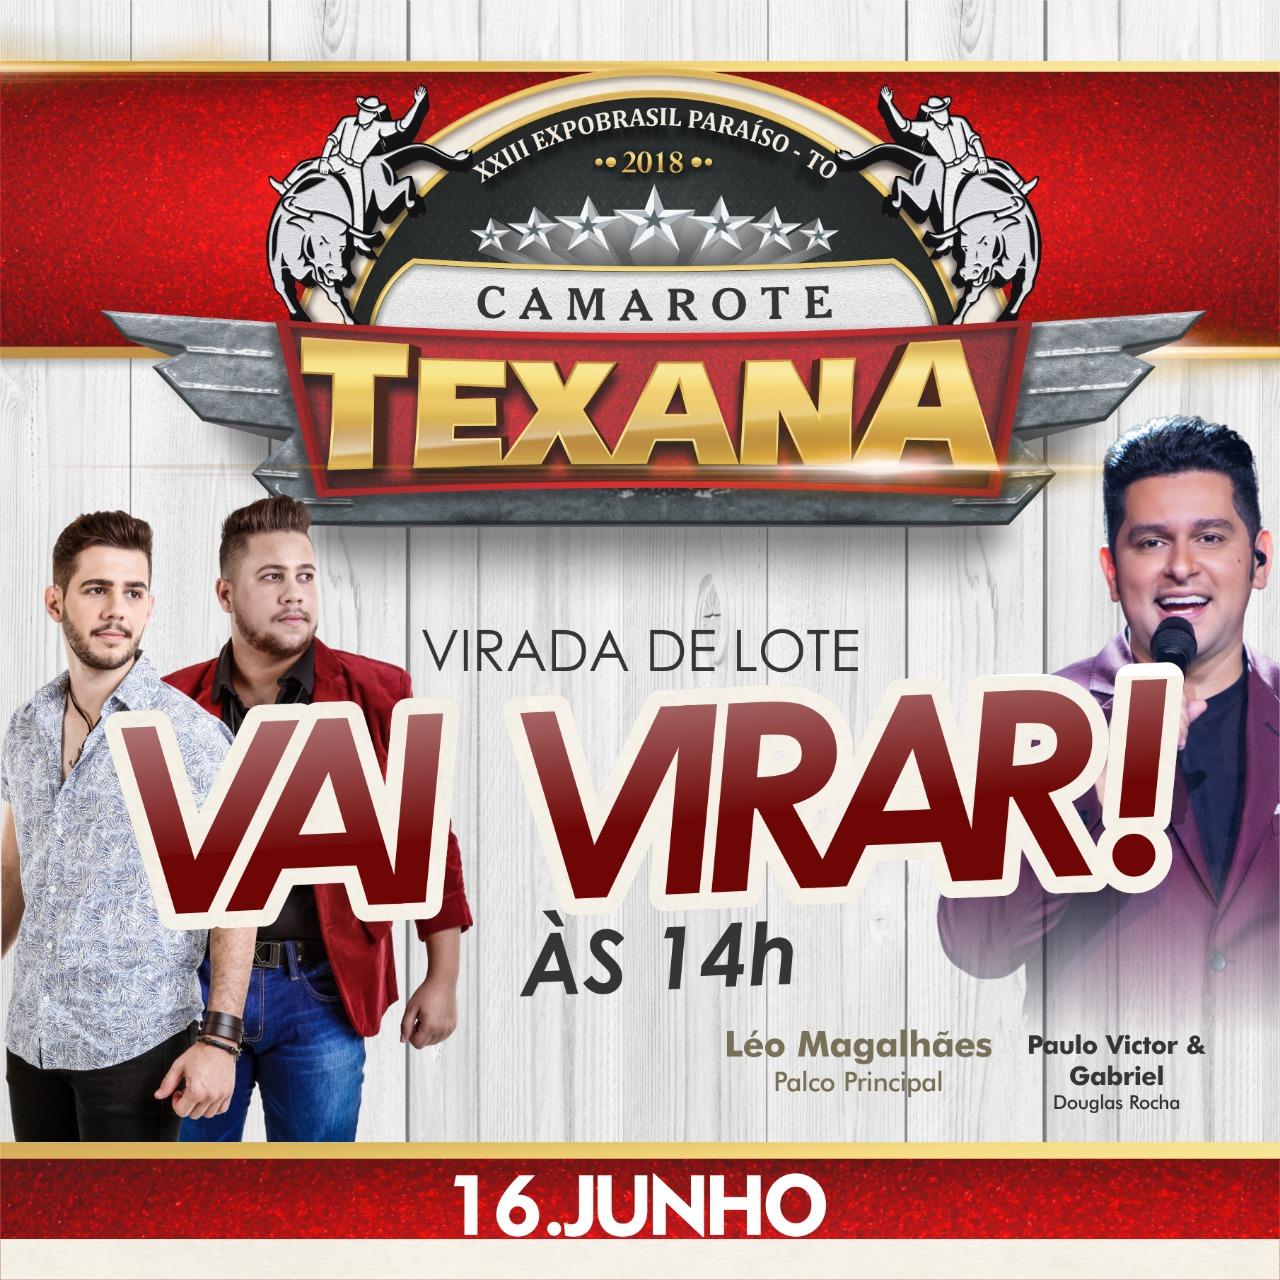 Hoje tem show de Paulo Victor & Gabriel no Camarote Texana e Léo Magalhães na Expobrasil